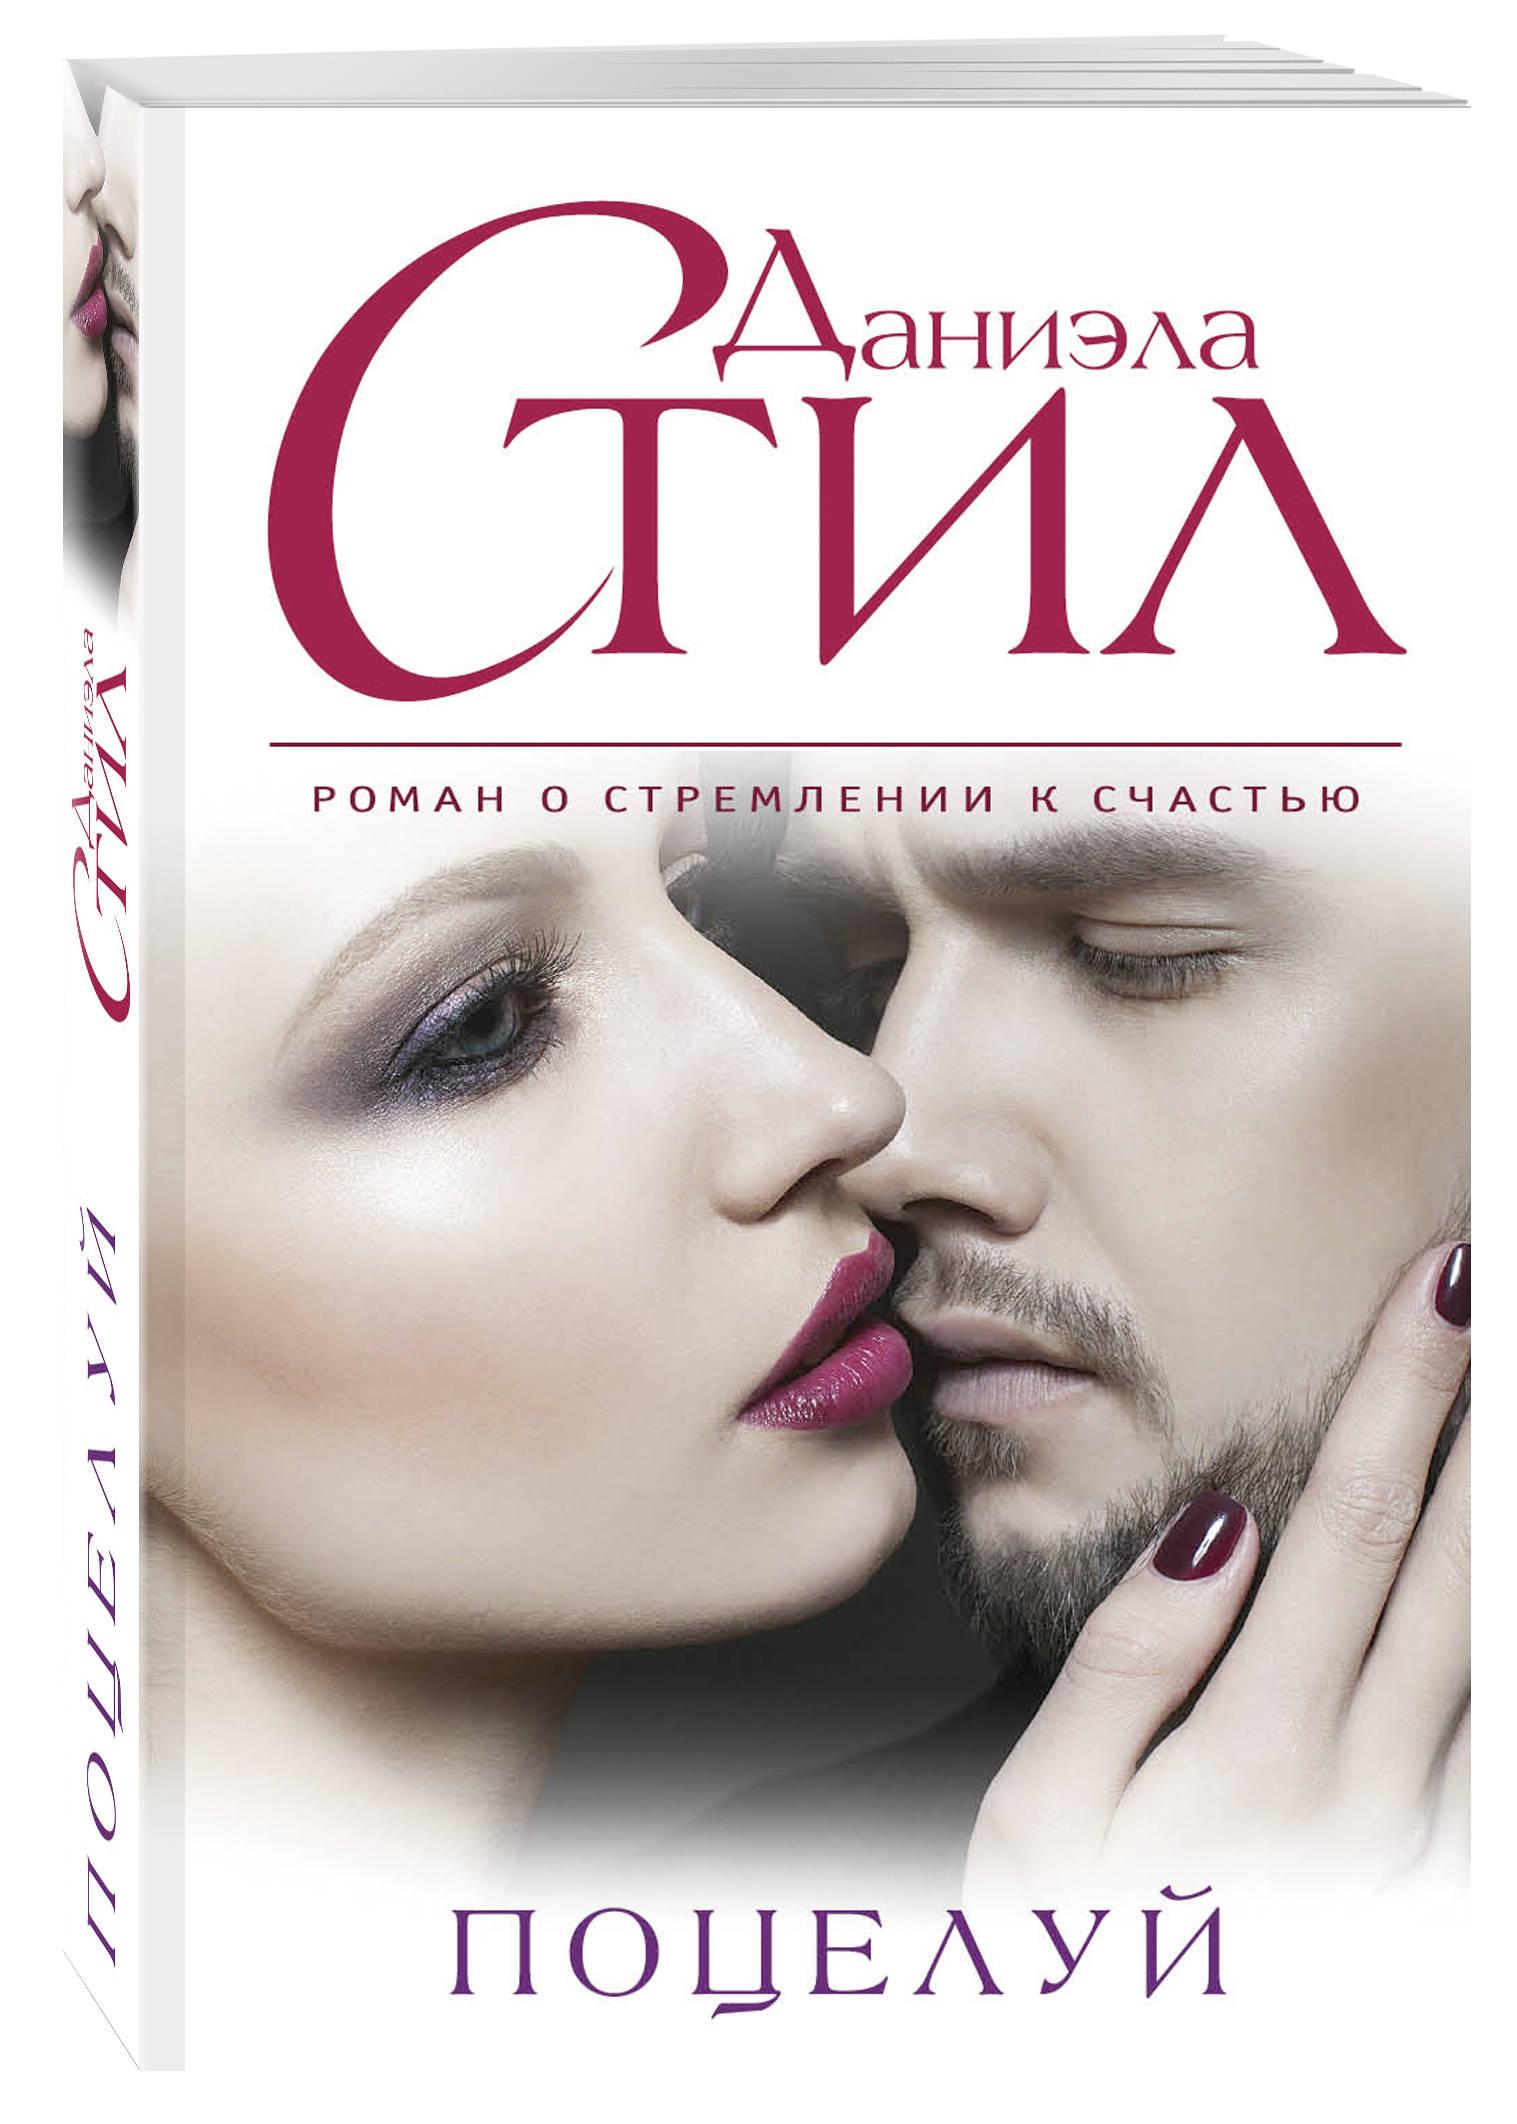 Стил Д. Поцелуй шабалов д метро 2033 право на жизнь